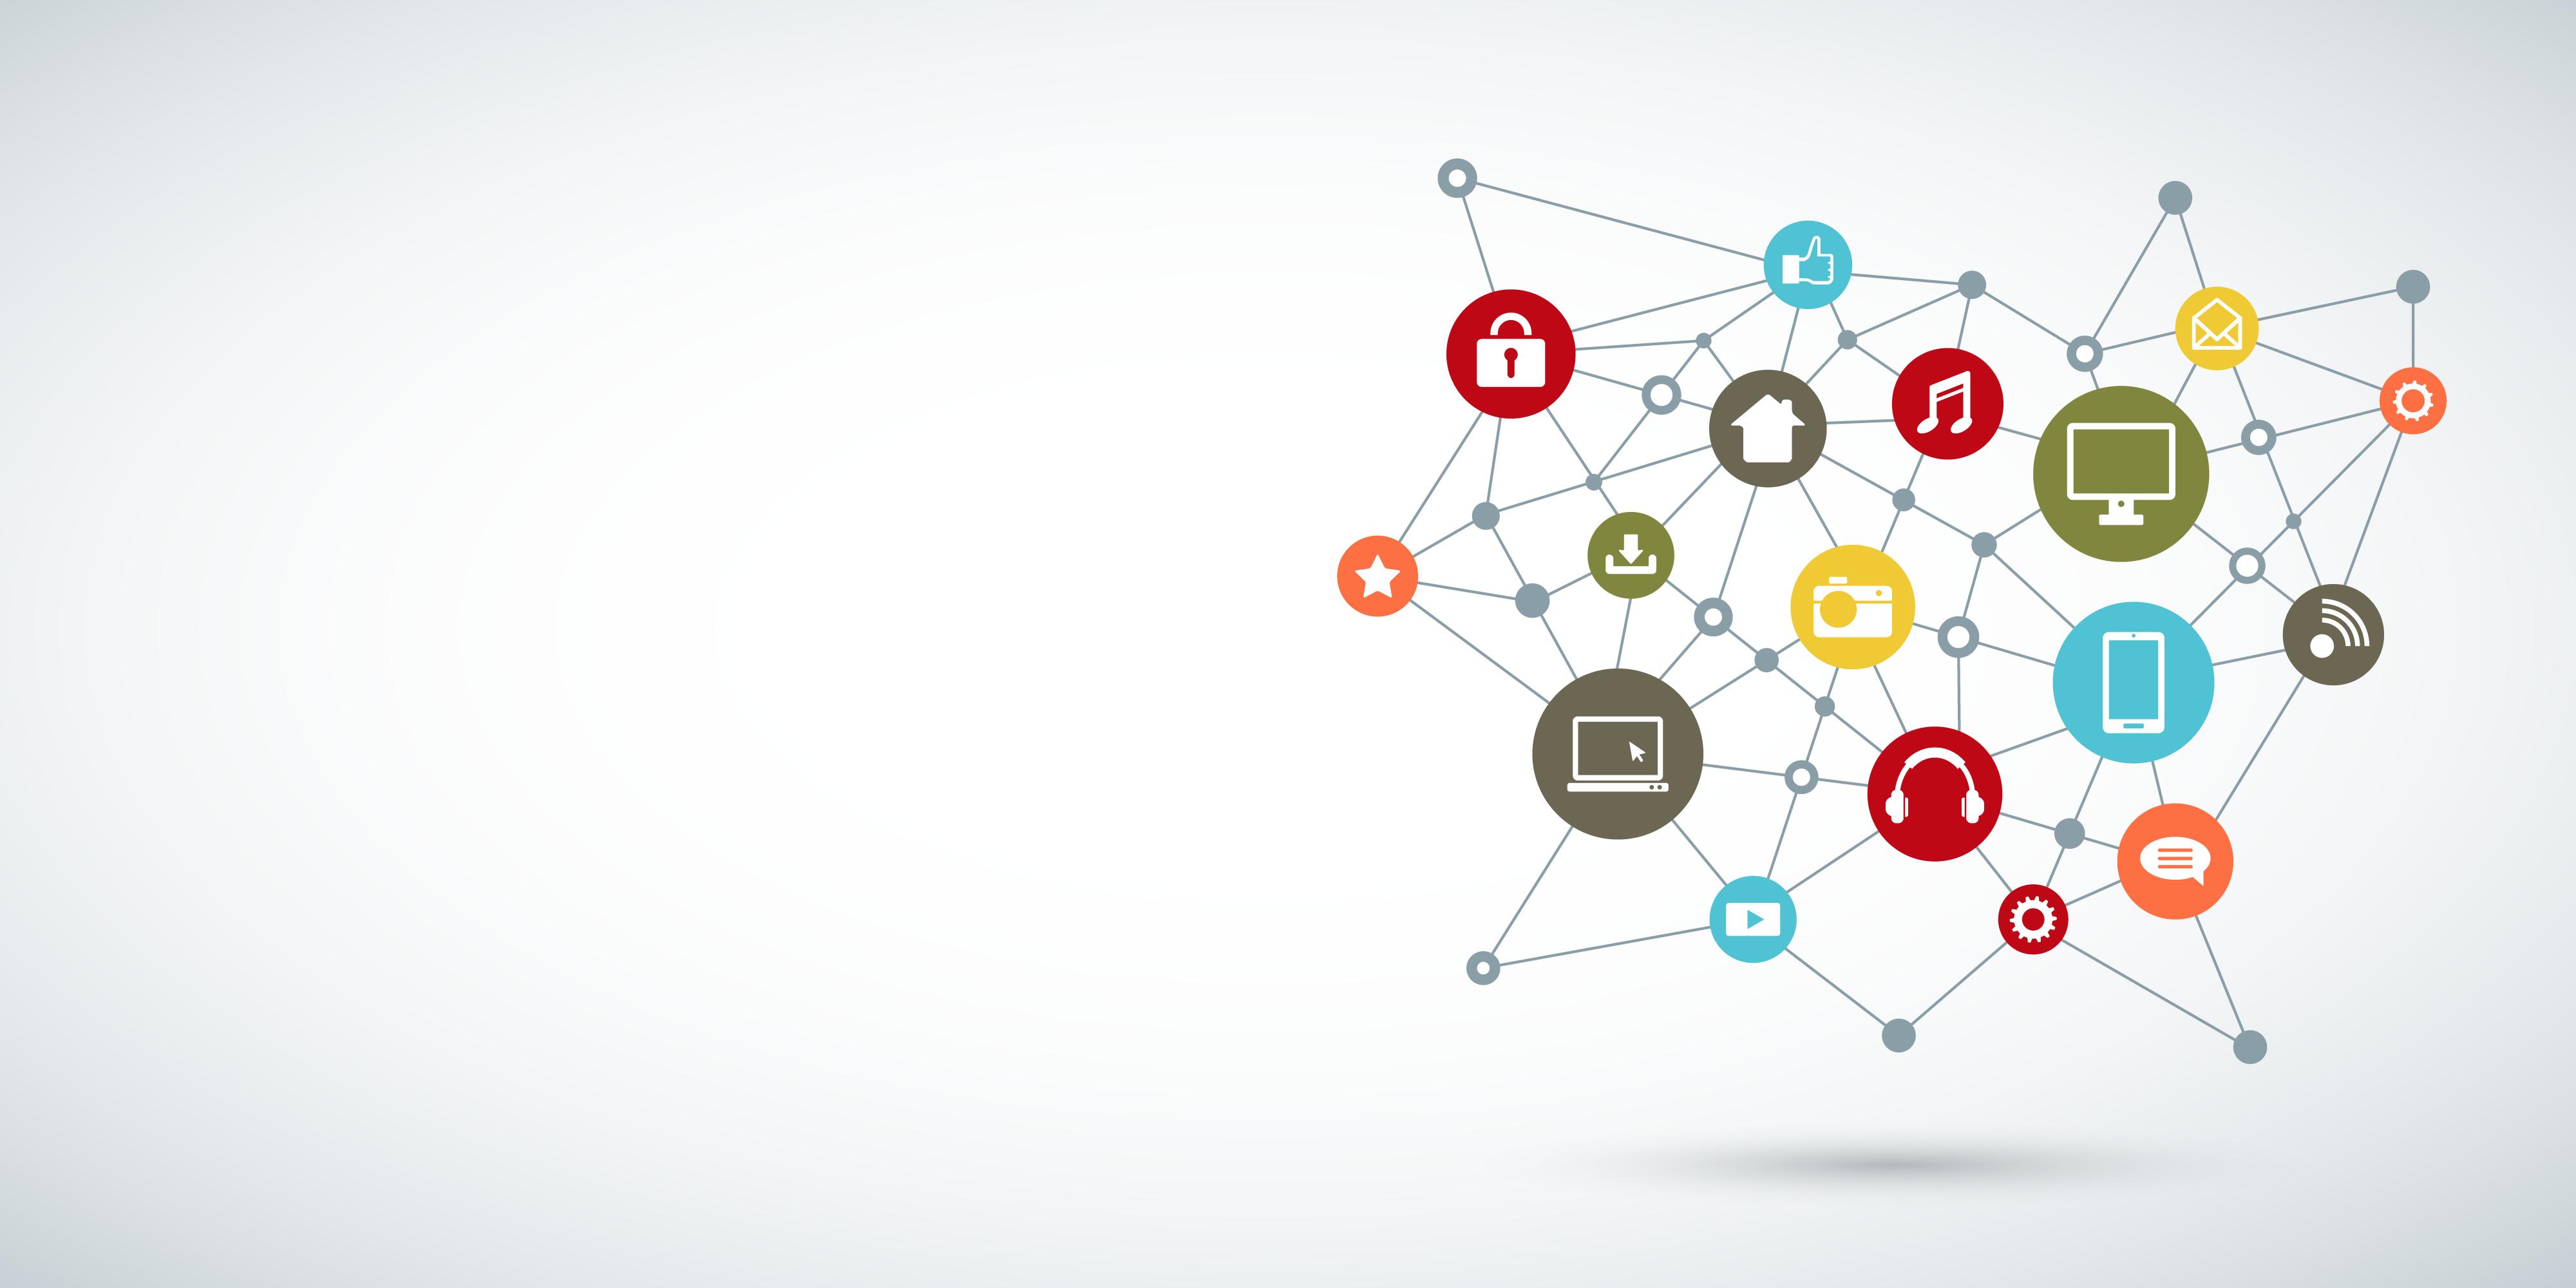 ¿Qué son los microservicios?: Definición, características y ventajas y desventajas